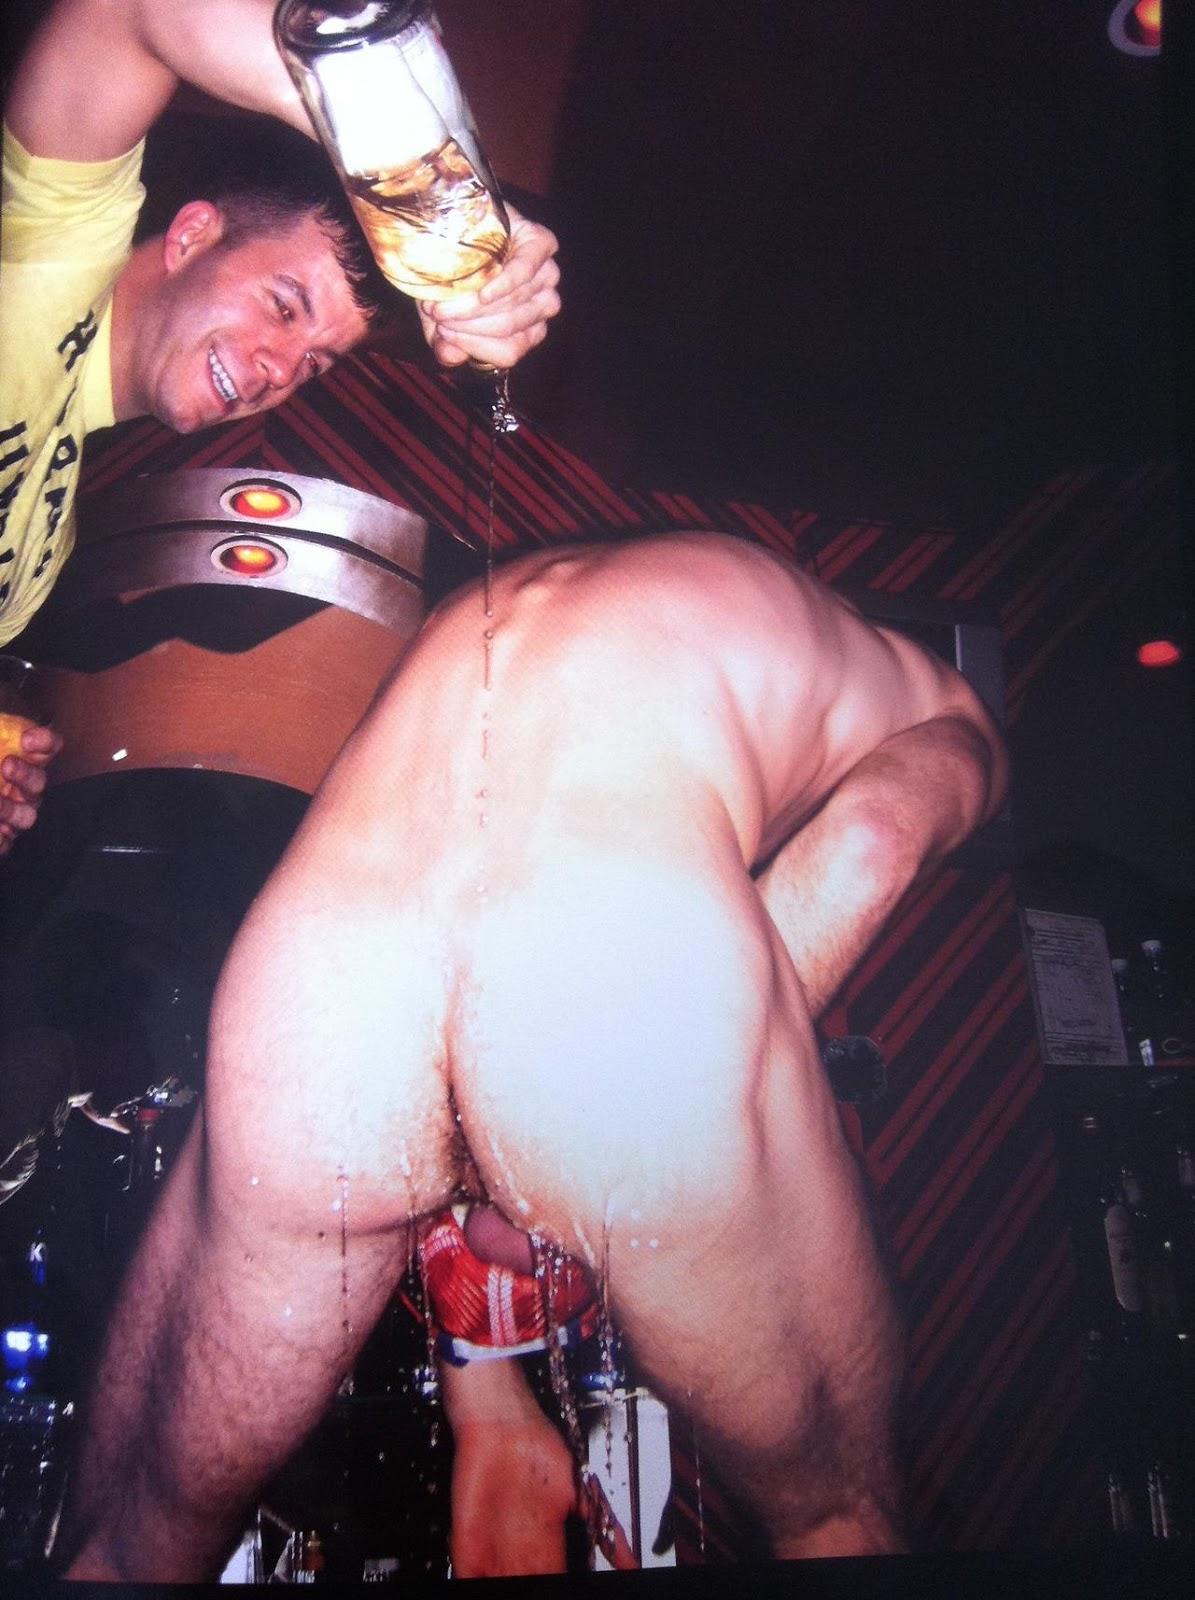 Inserciones Porno - Objetos grandes en coos pequeos